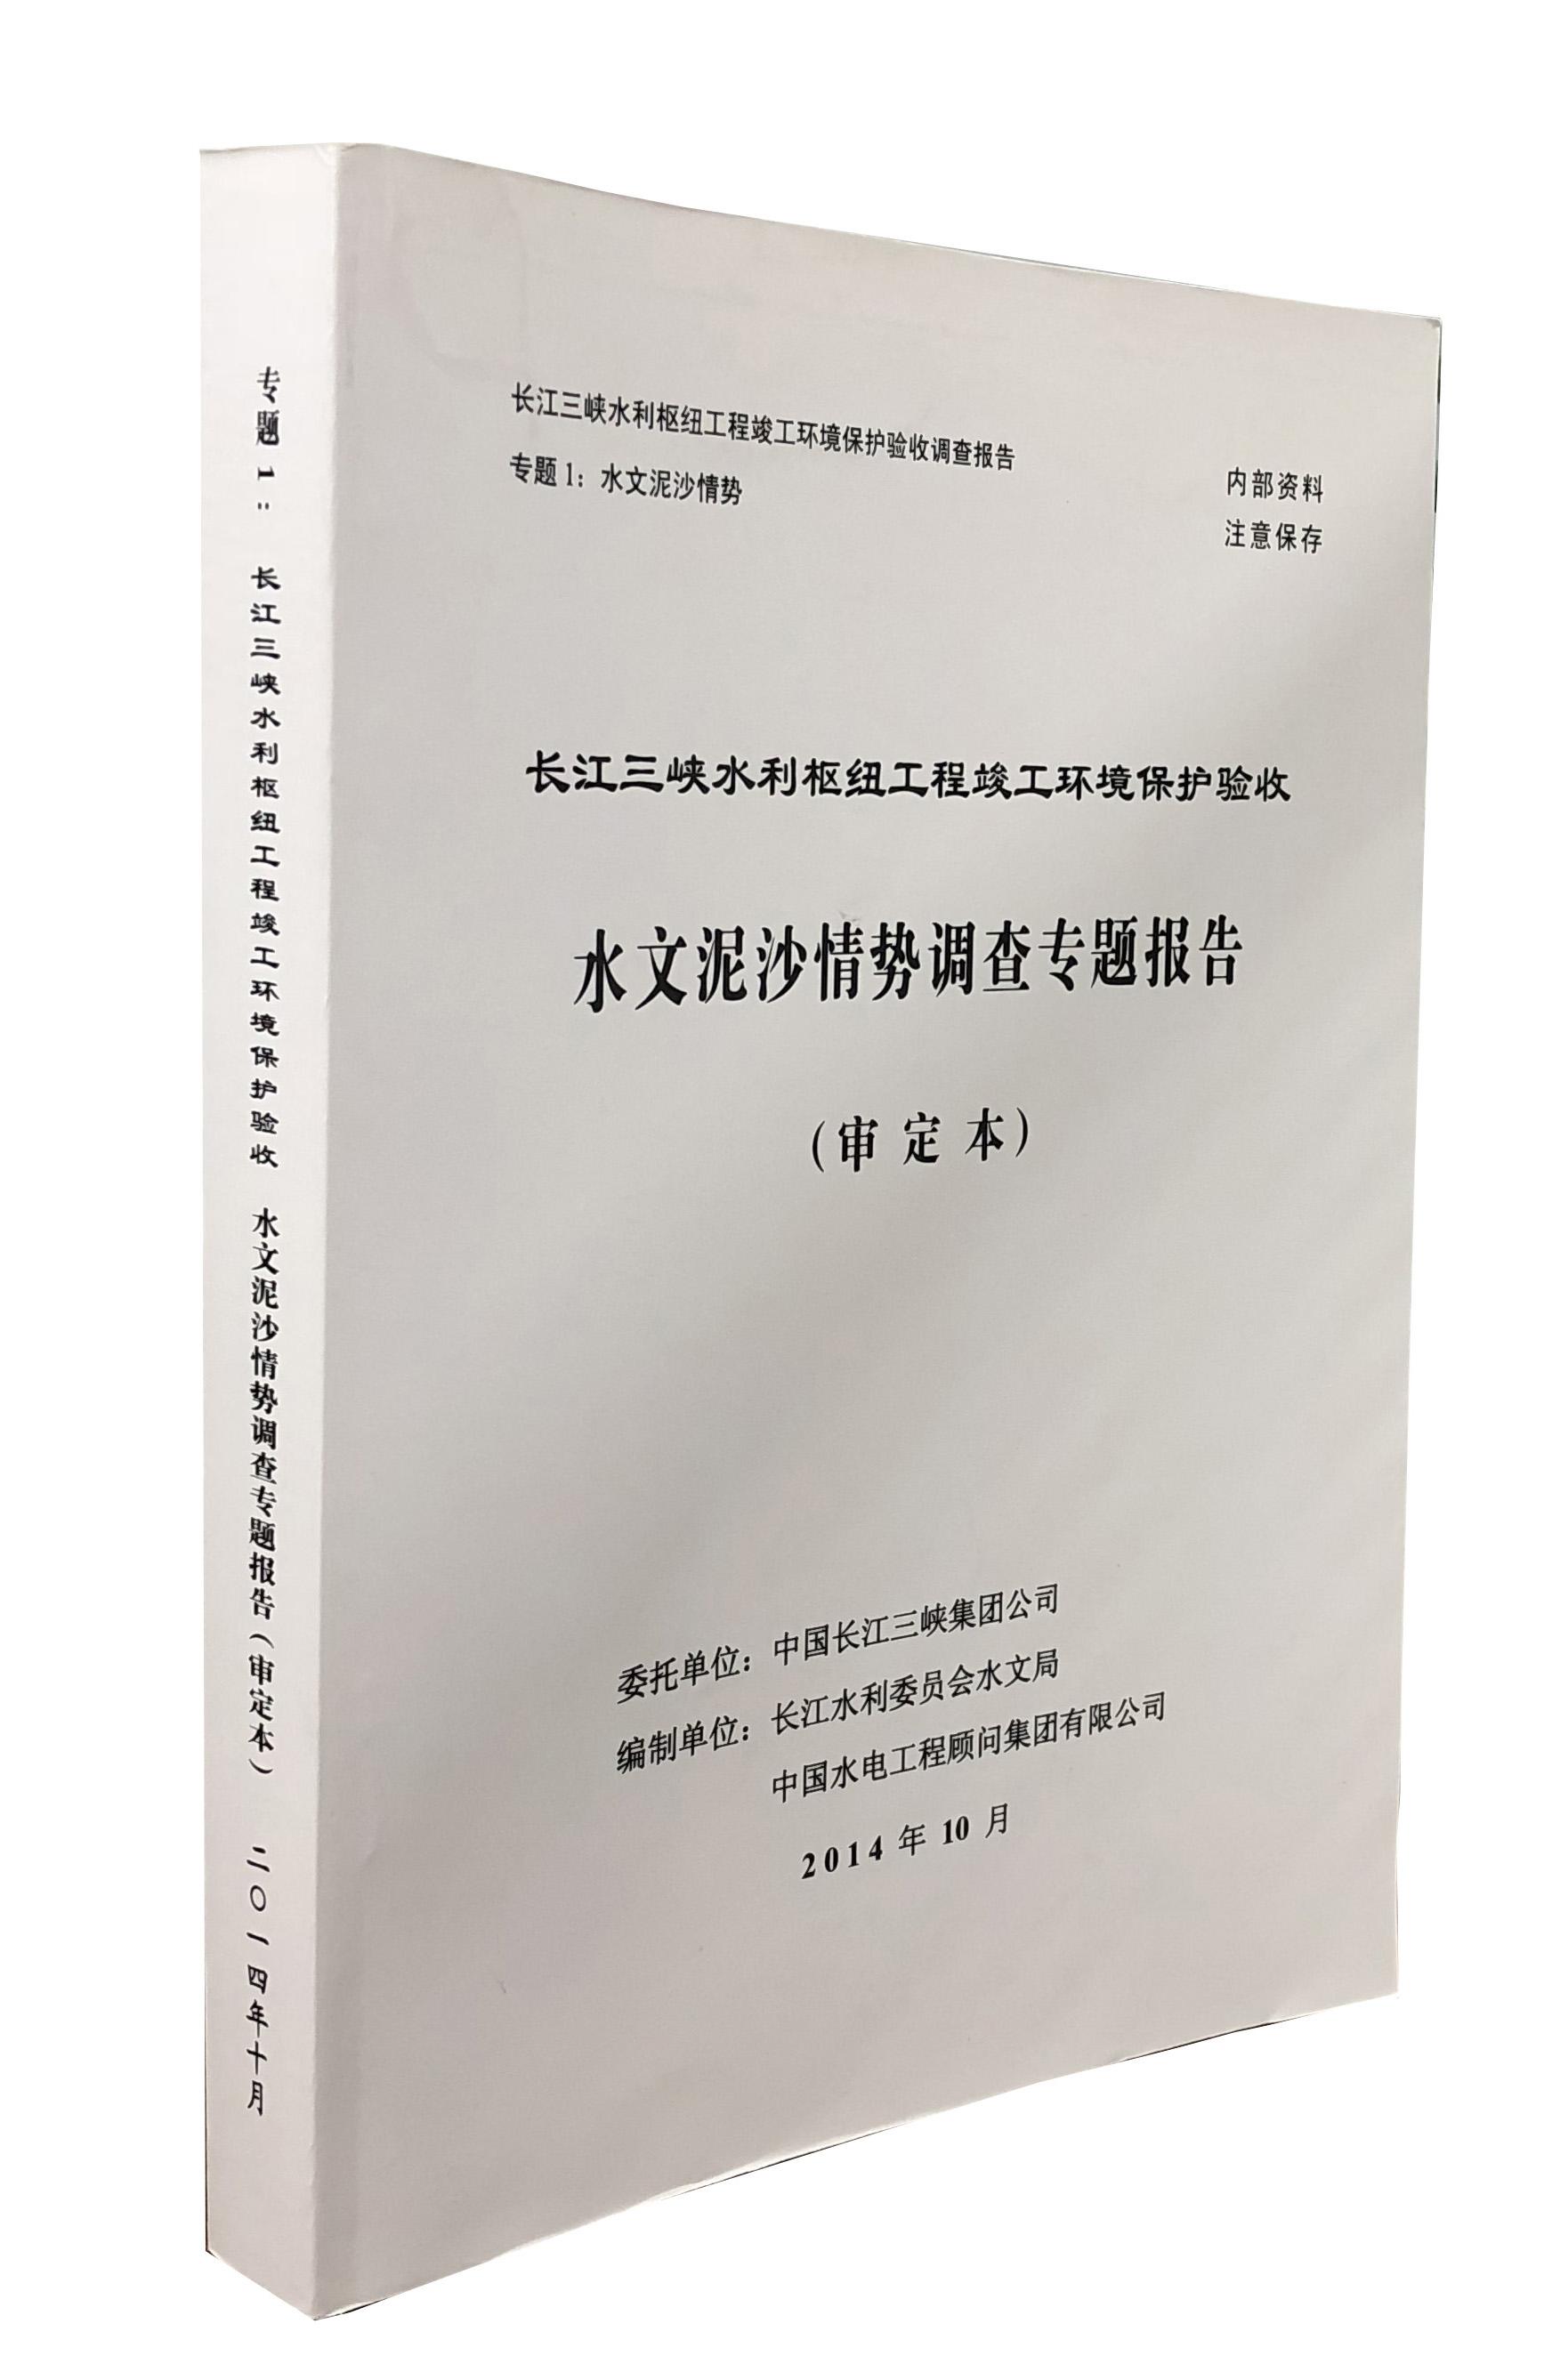 长江三峡水利枢纽工程竣工环境保护验收-水文泥沙情势调查专题报告